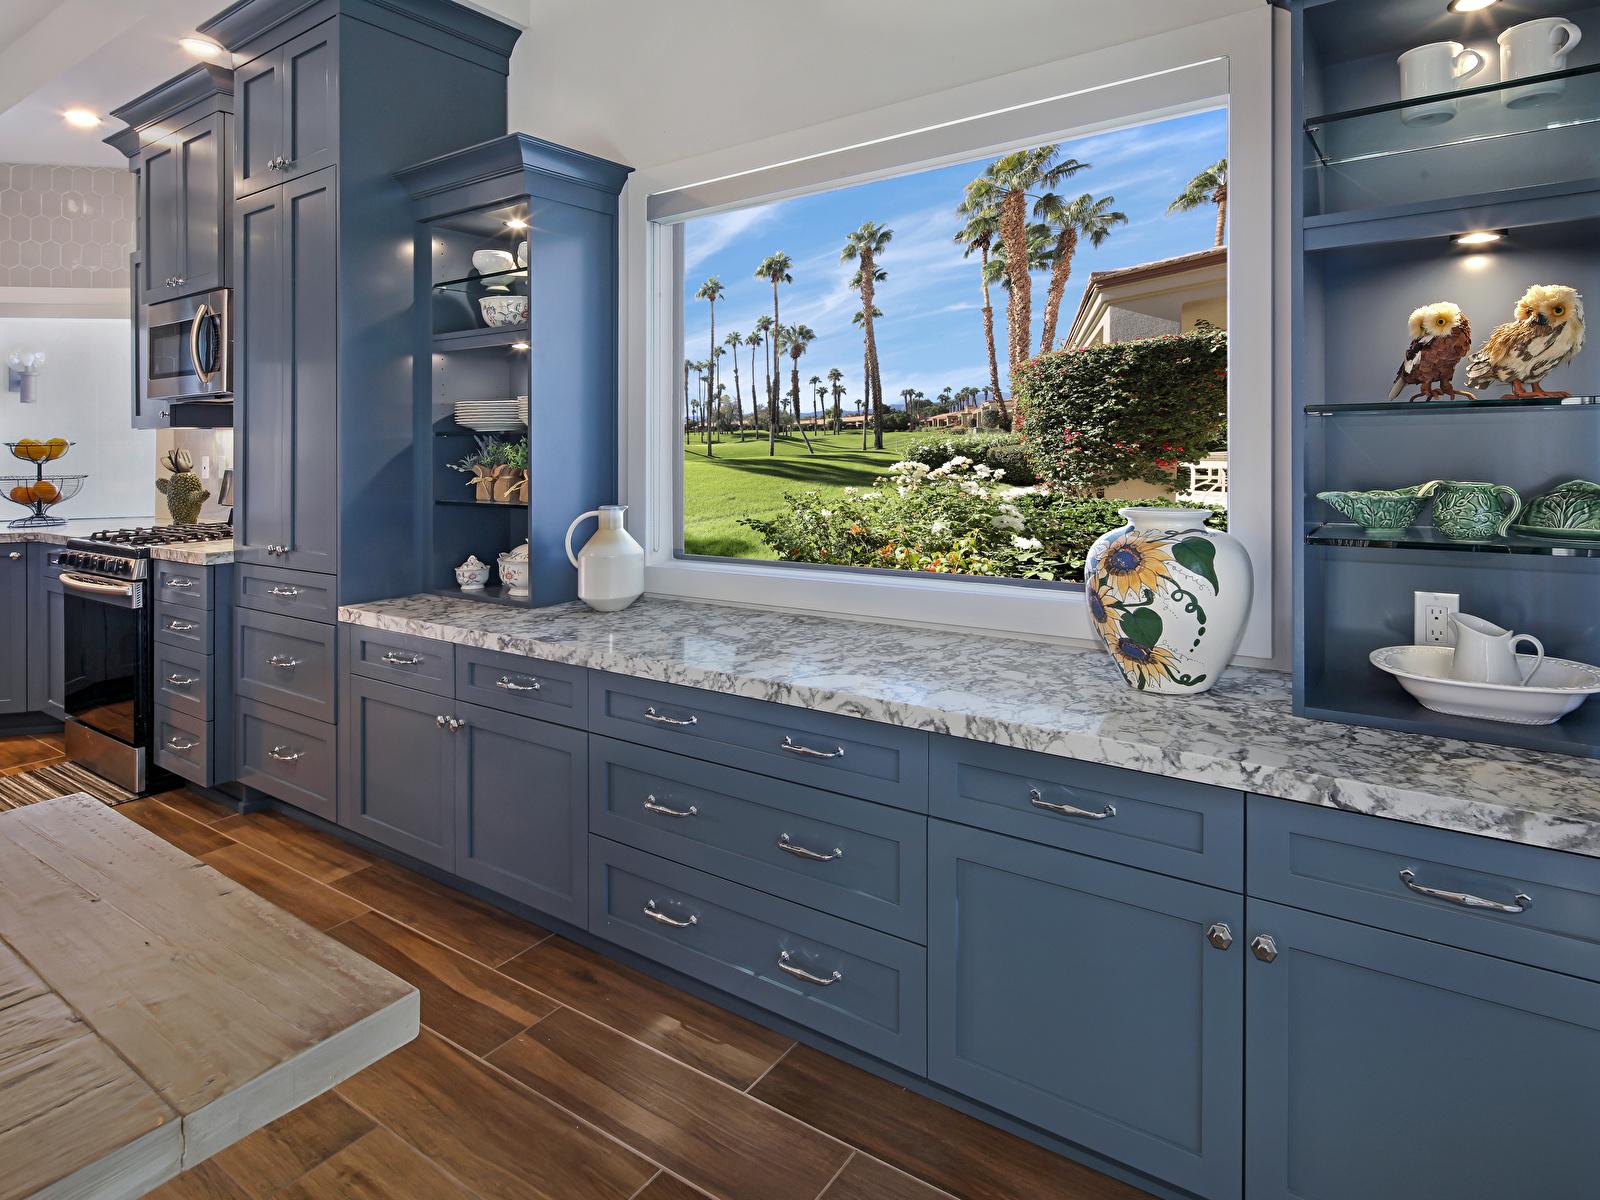 Обои для рабочего стола кухни Интерьер окна Дизайн 1600x1200 Кухня Окно дизайна